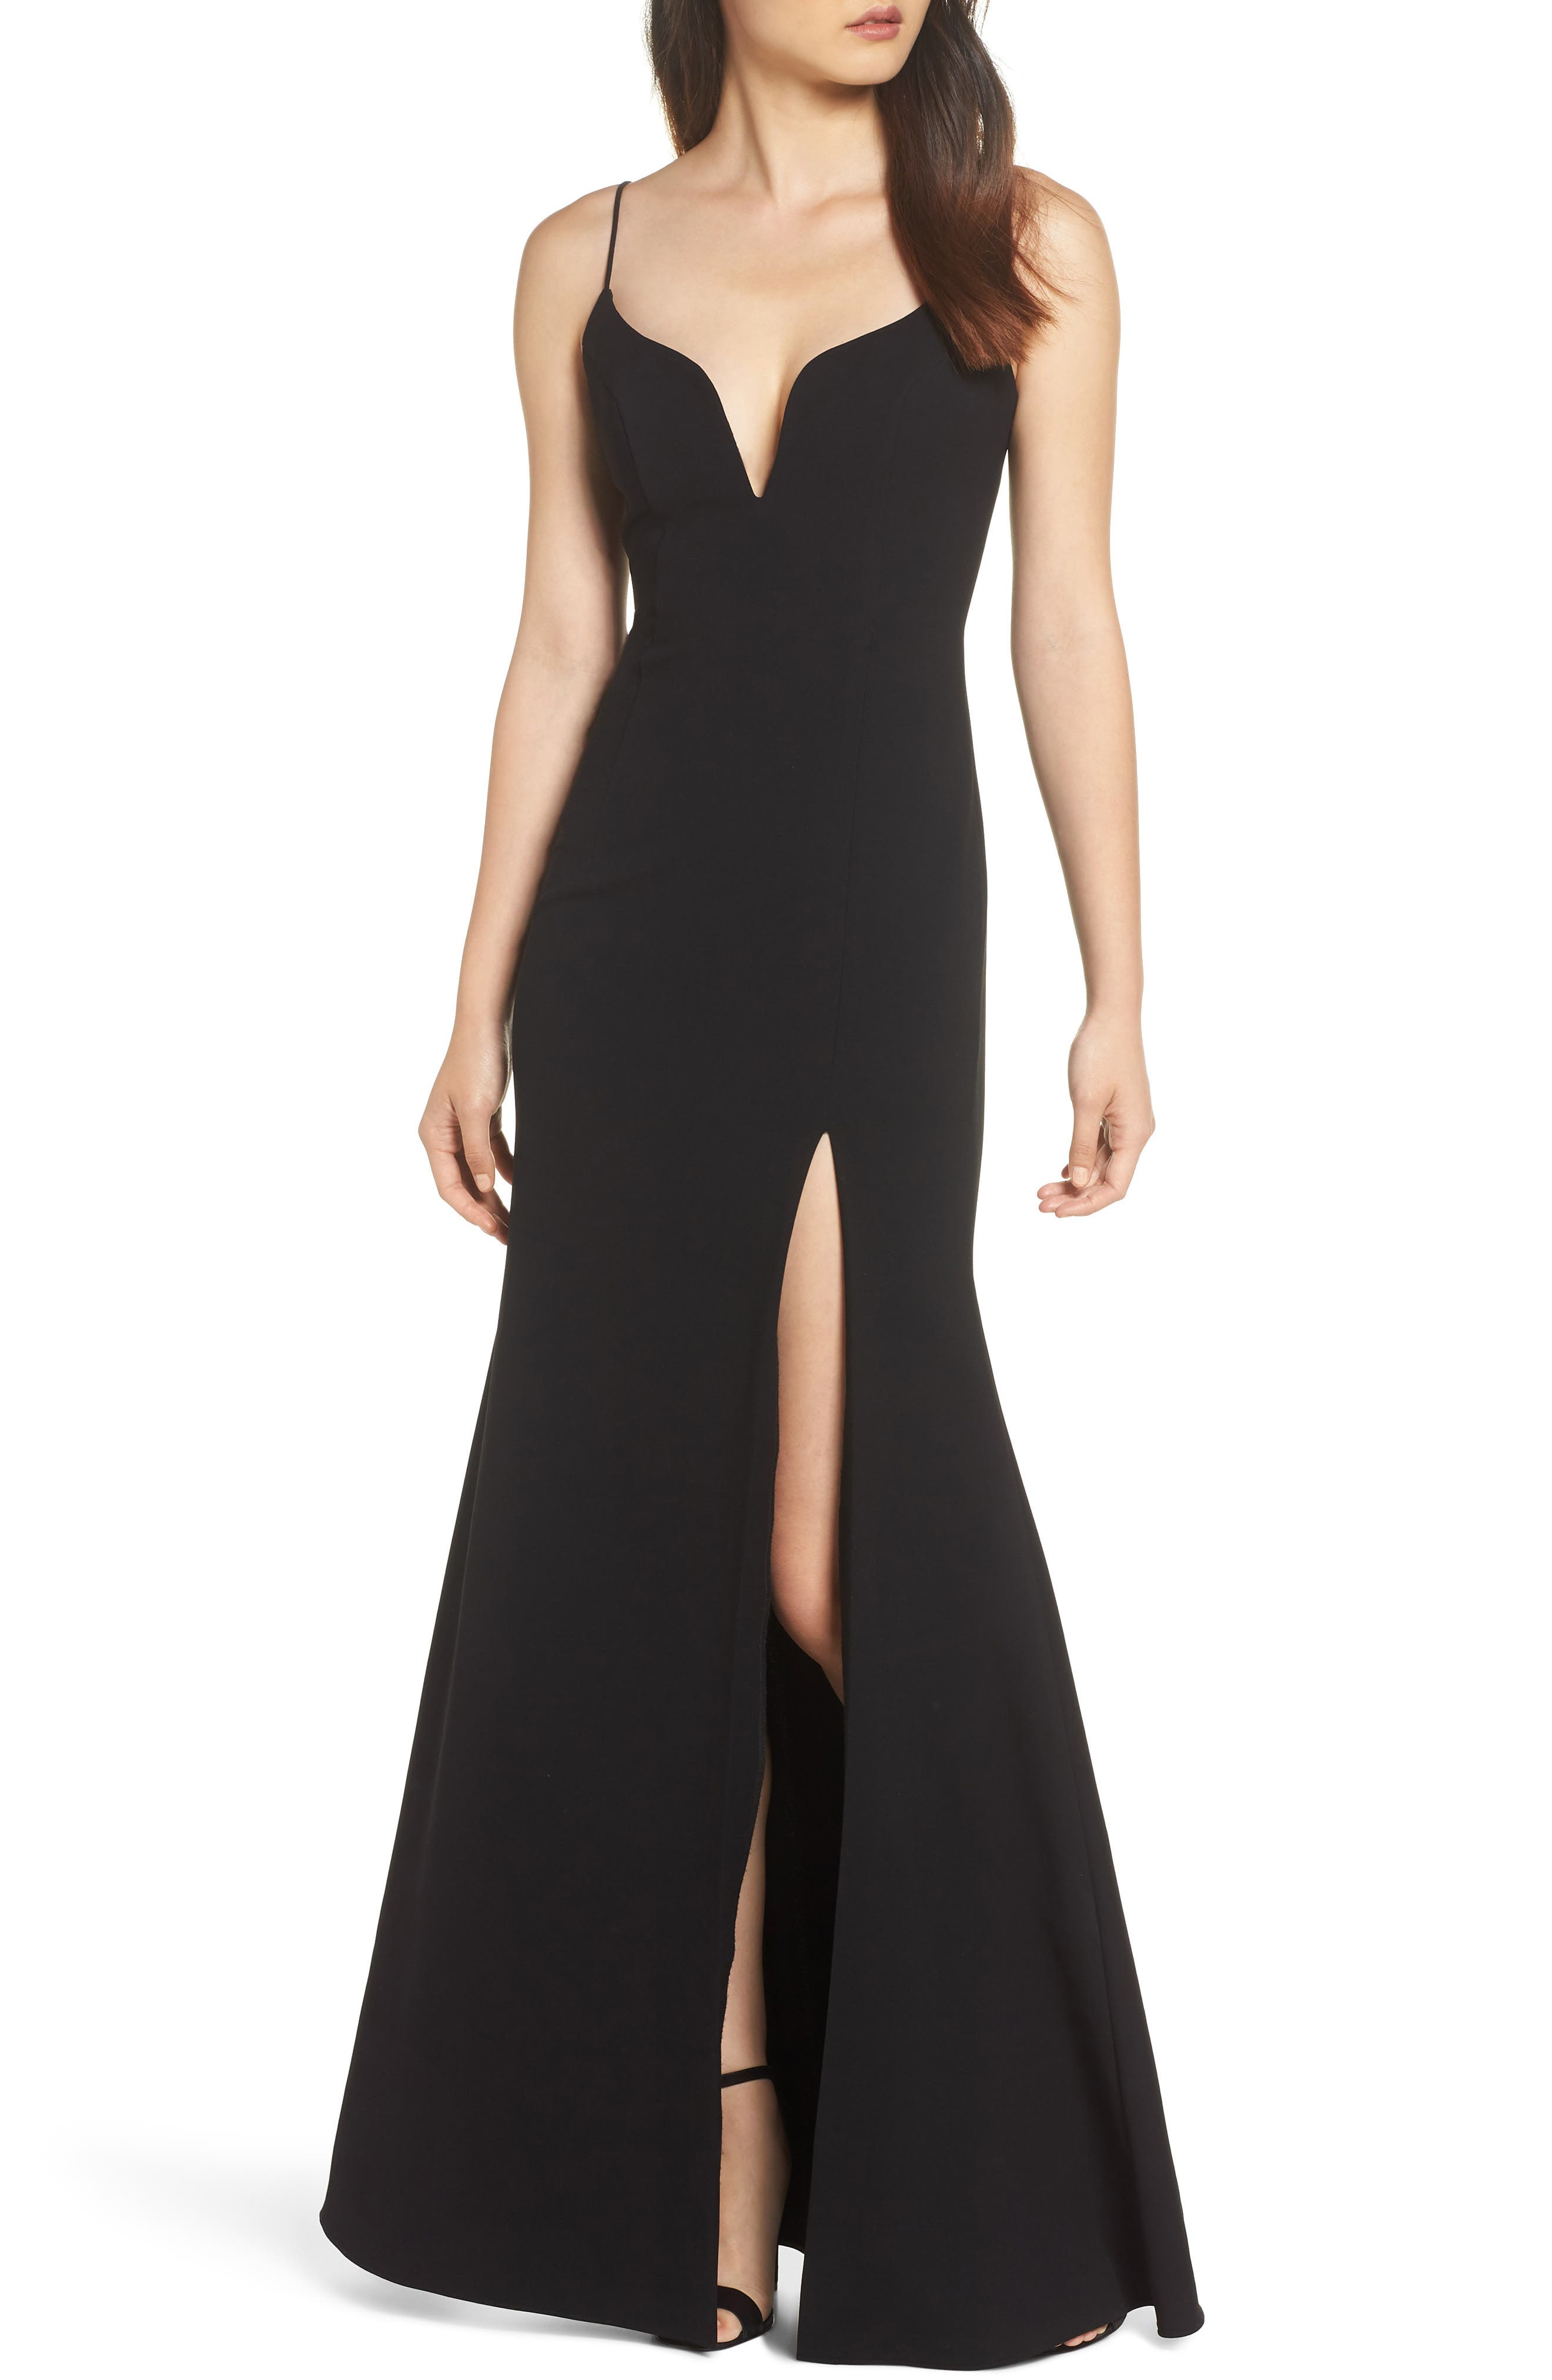 Jill Jill Stuart Plunge Sweetheart Gown, Black